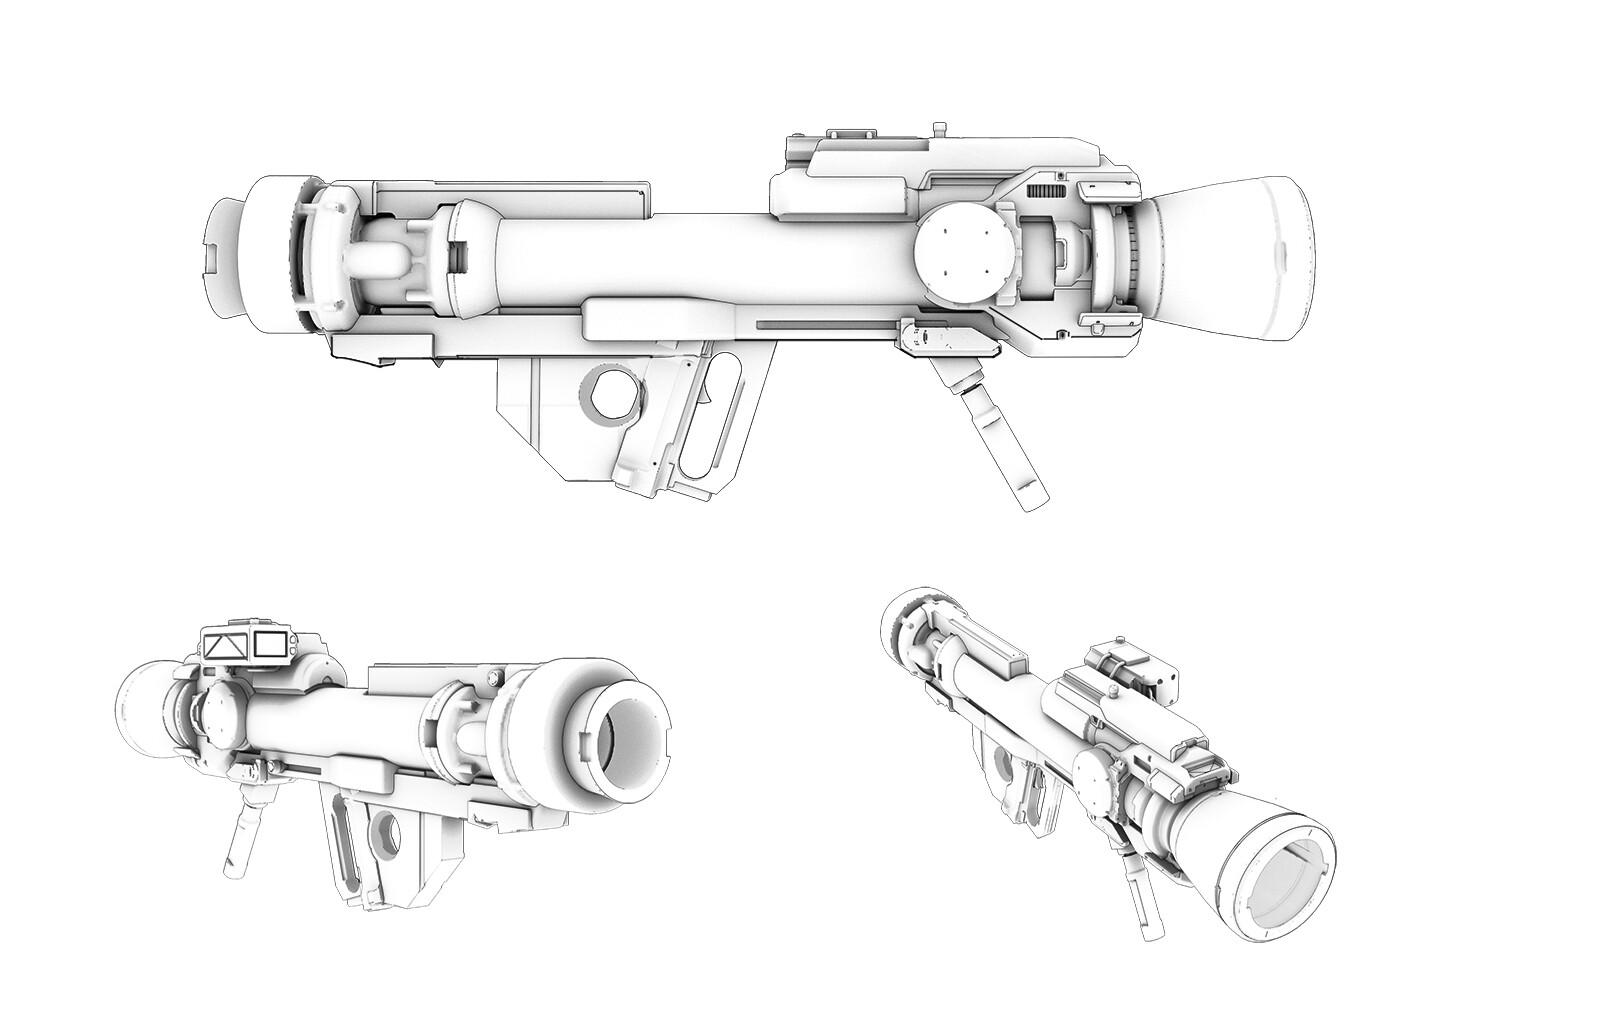 Brian higgins bazooka2